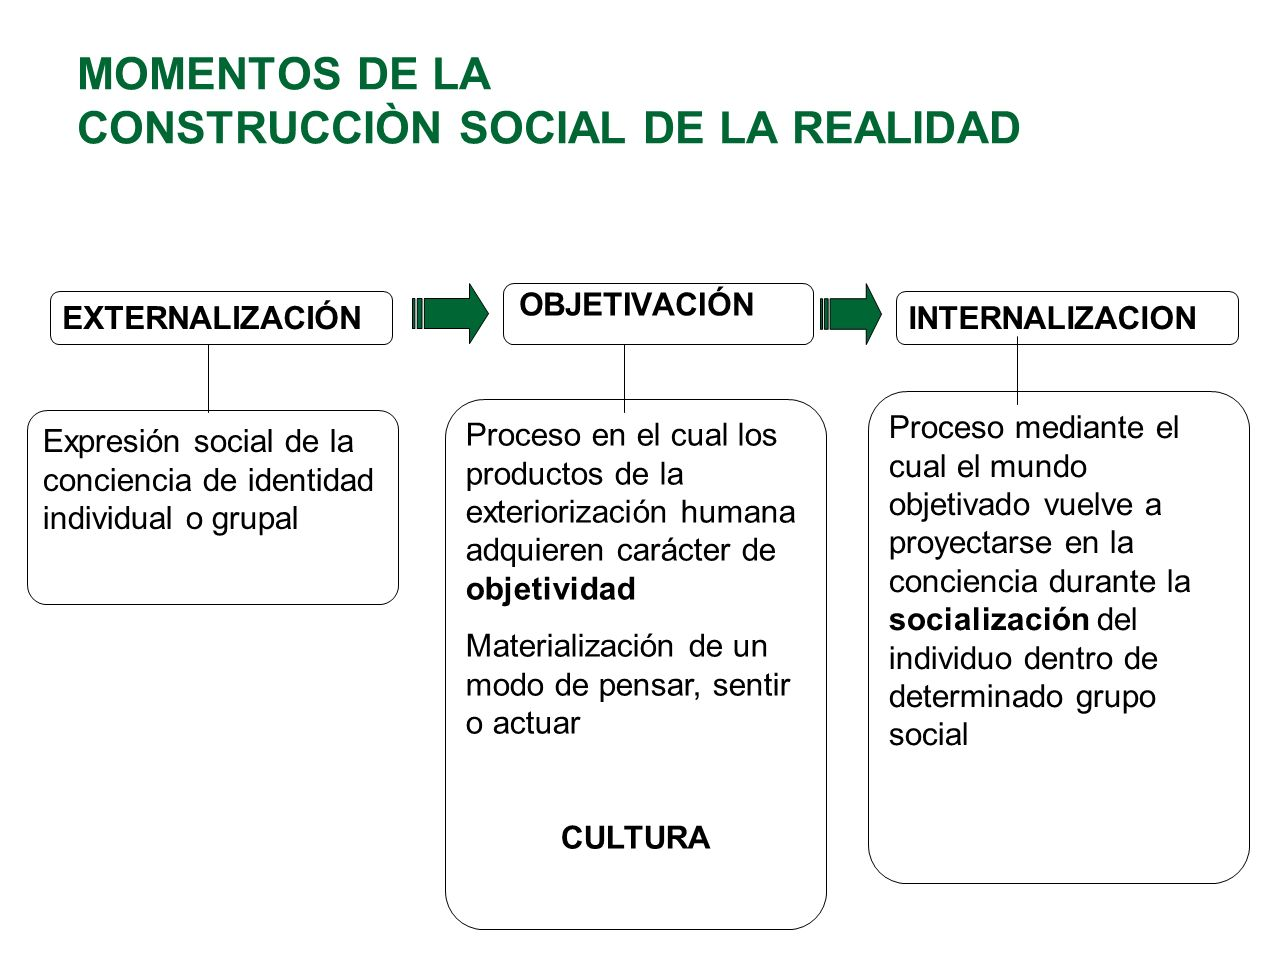 MOMENTOS DE LA CONSTRUCCIÒN SOCIAL DE LA REALIDAD